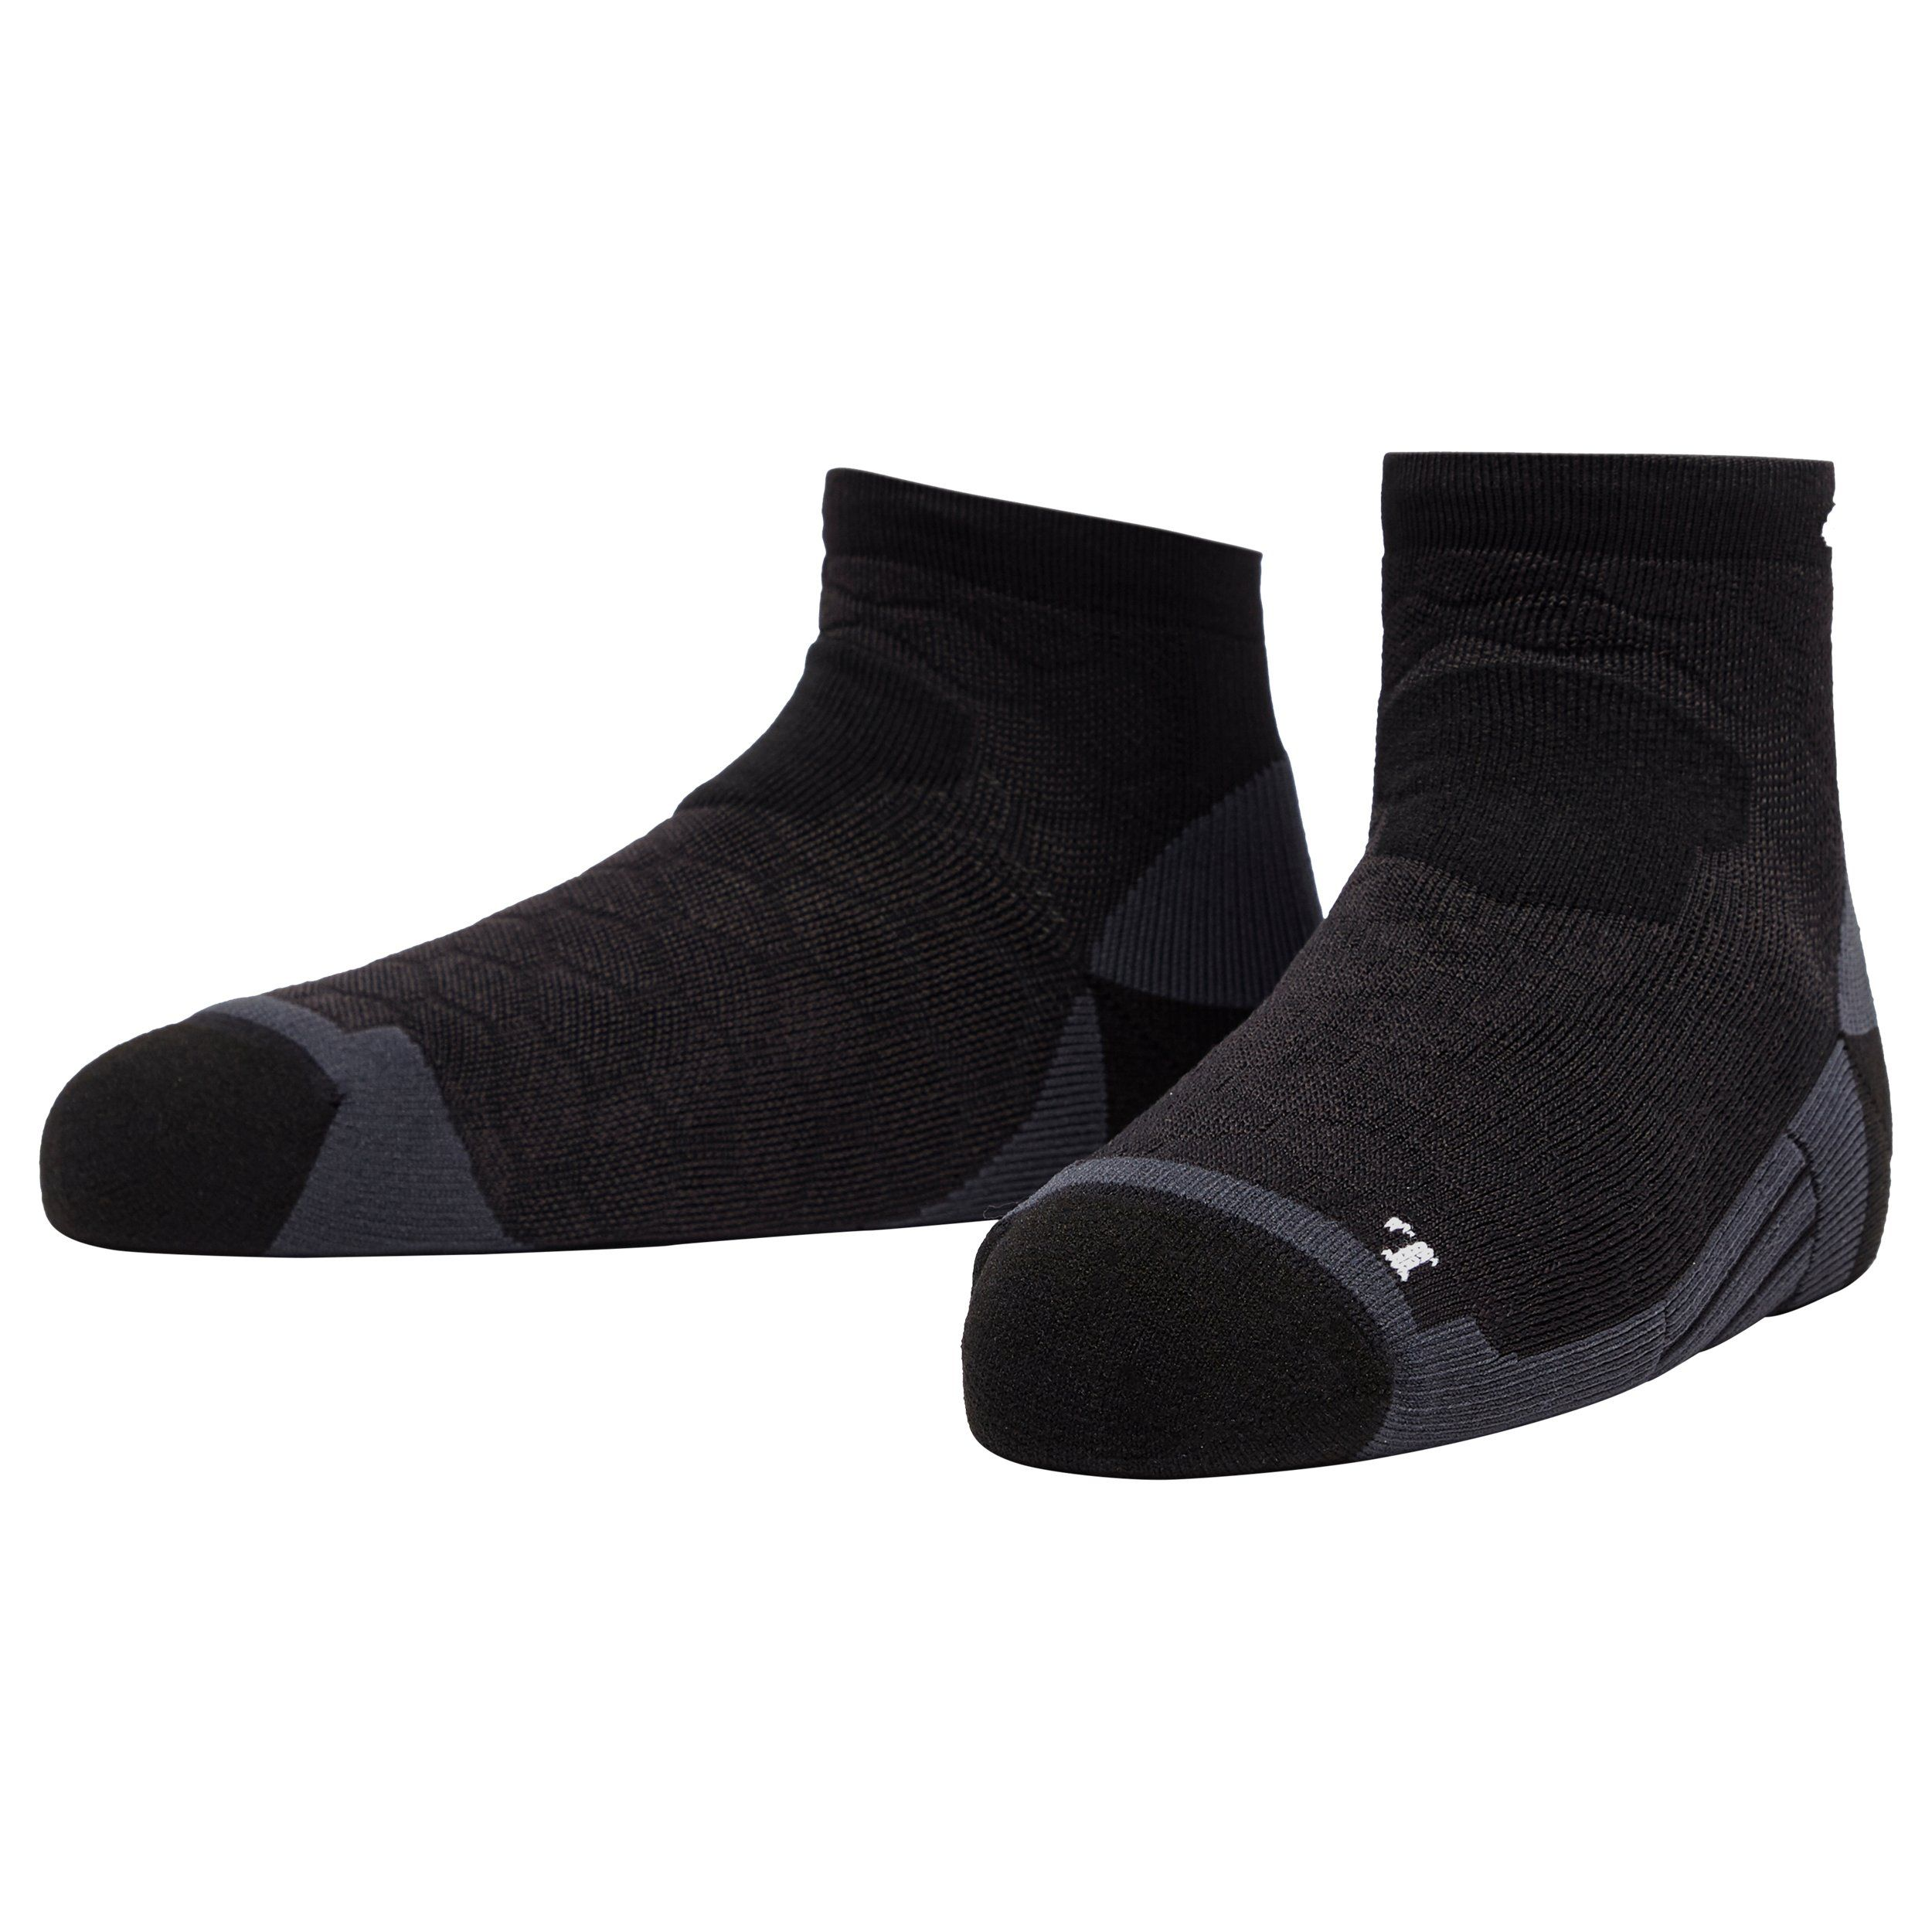 ASICS Road 1/4 Running Socks